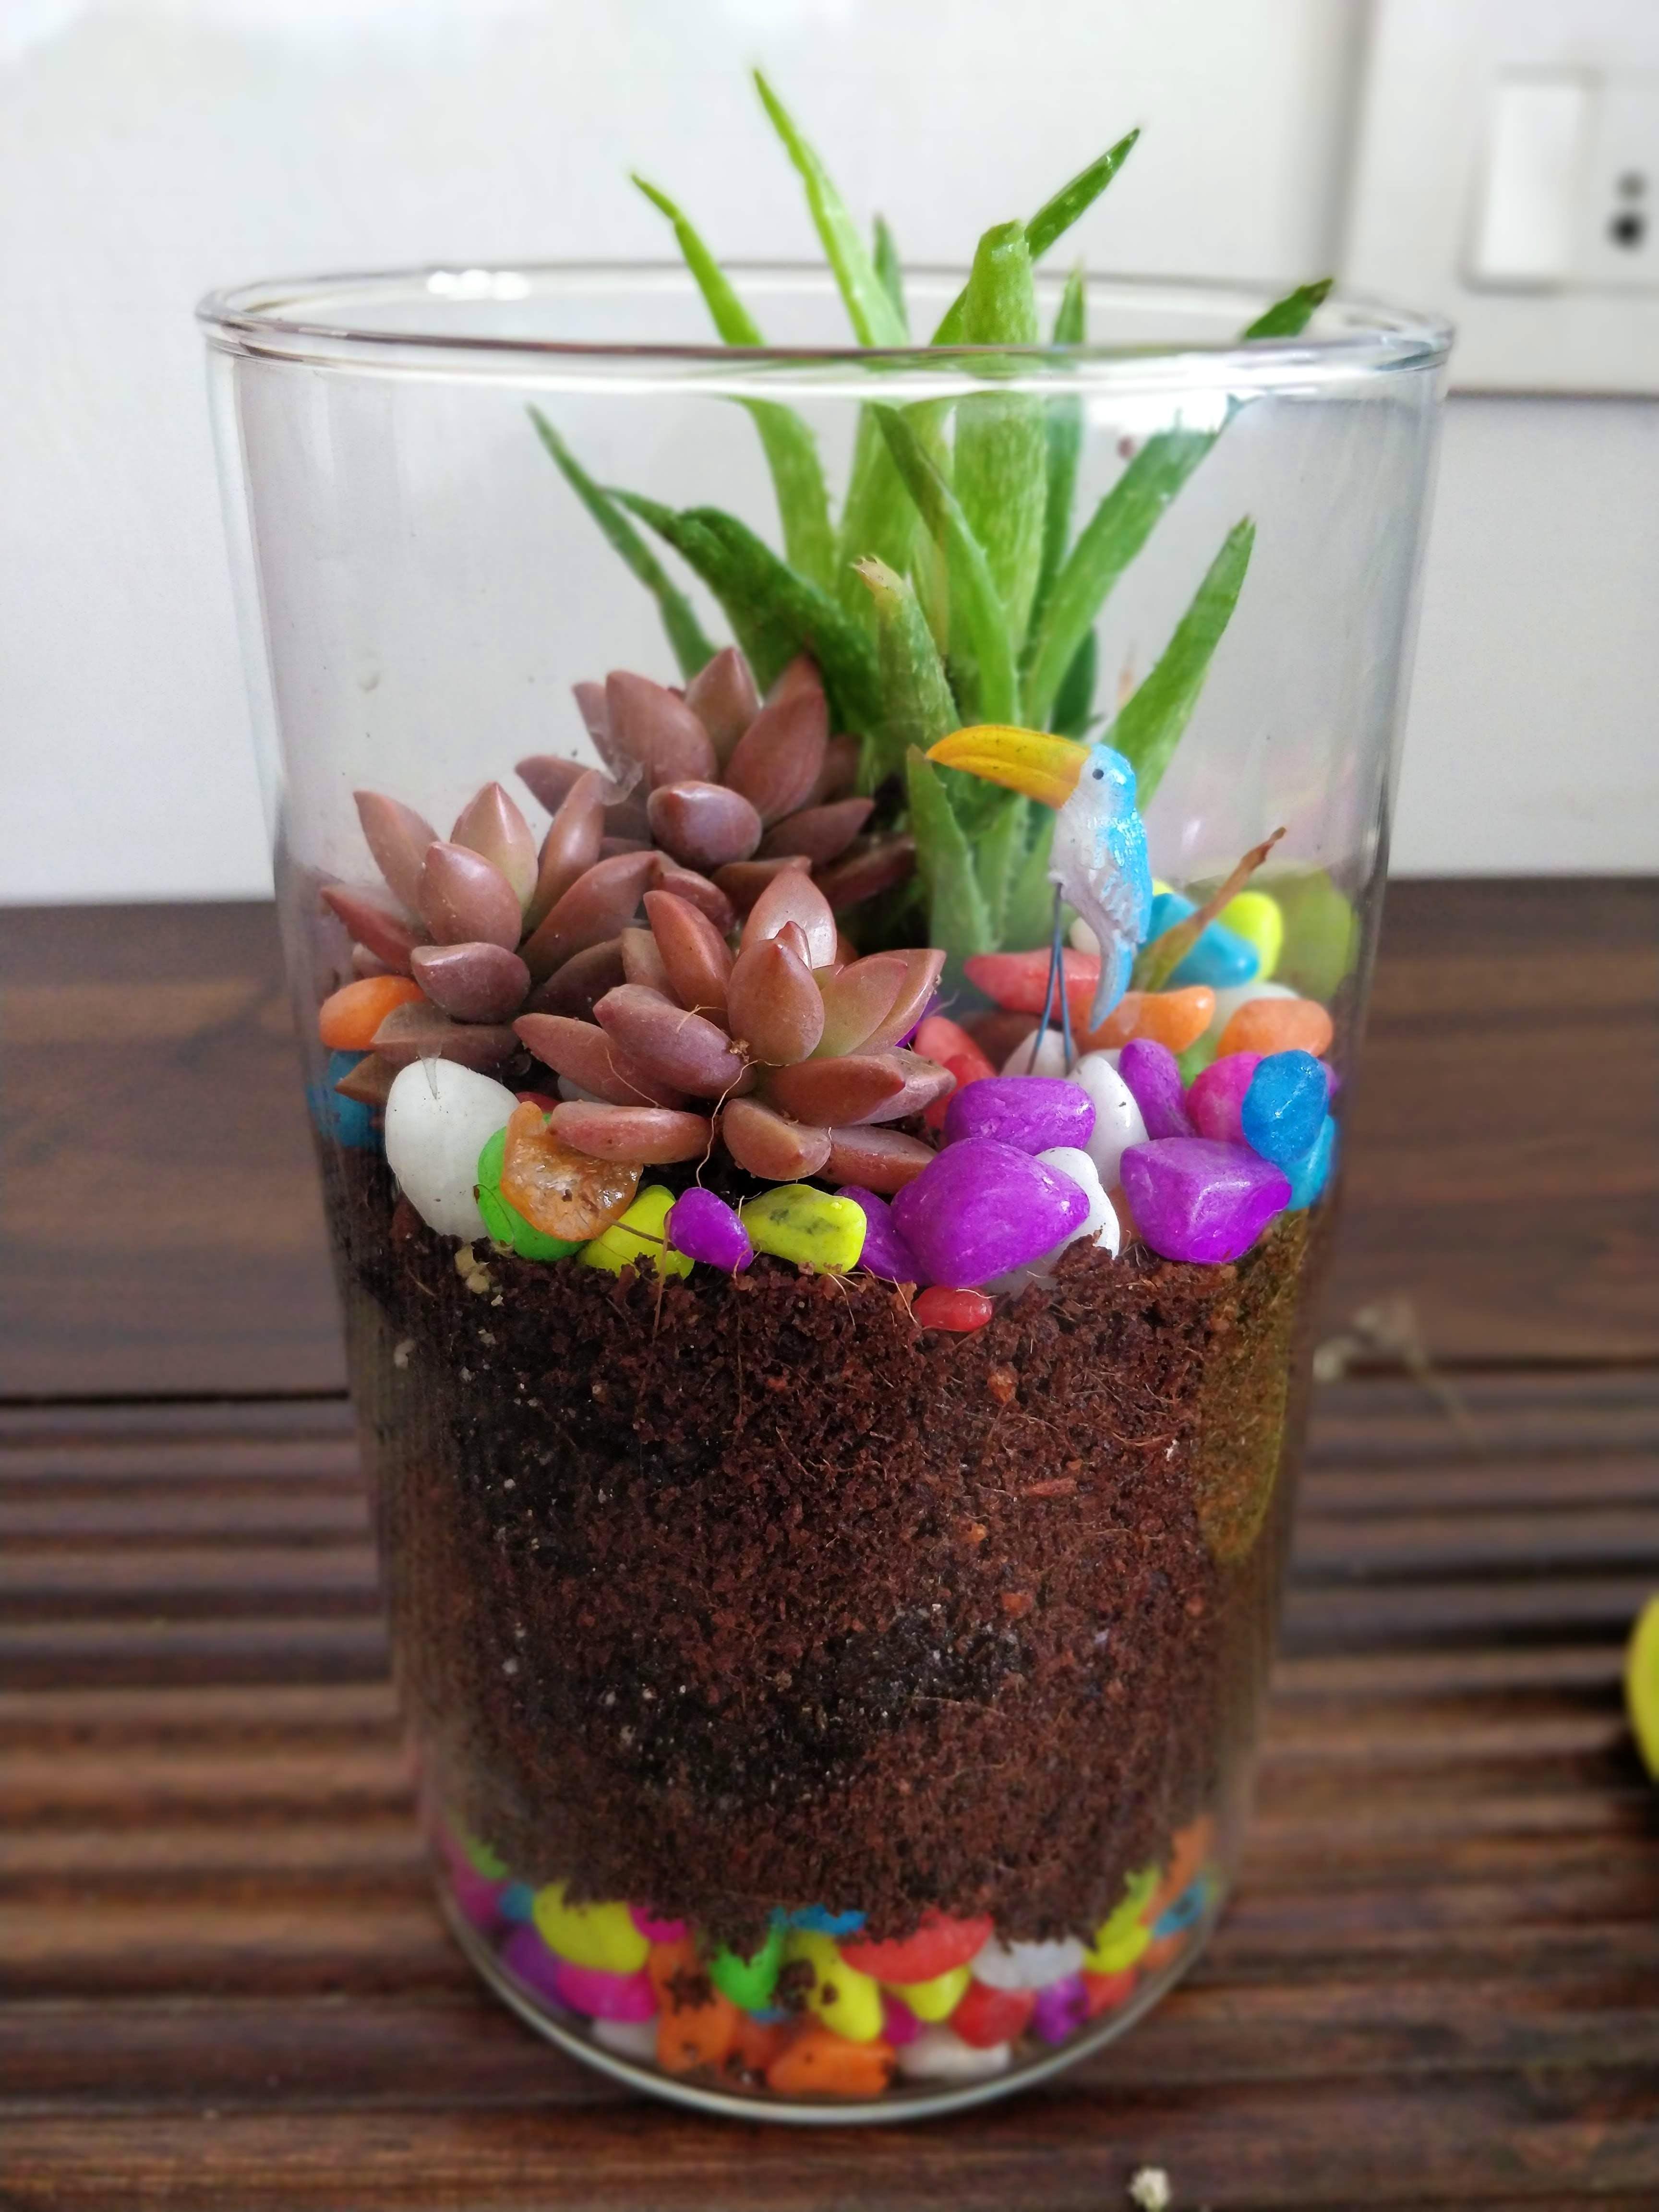 Flowerpot,Plant,Flower,Houseplant,Easter,Tulip